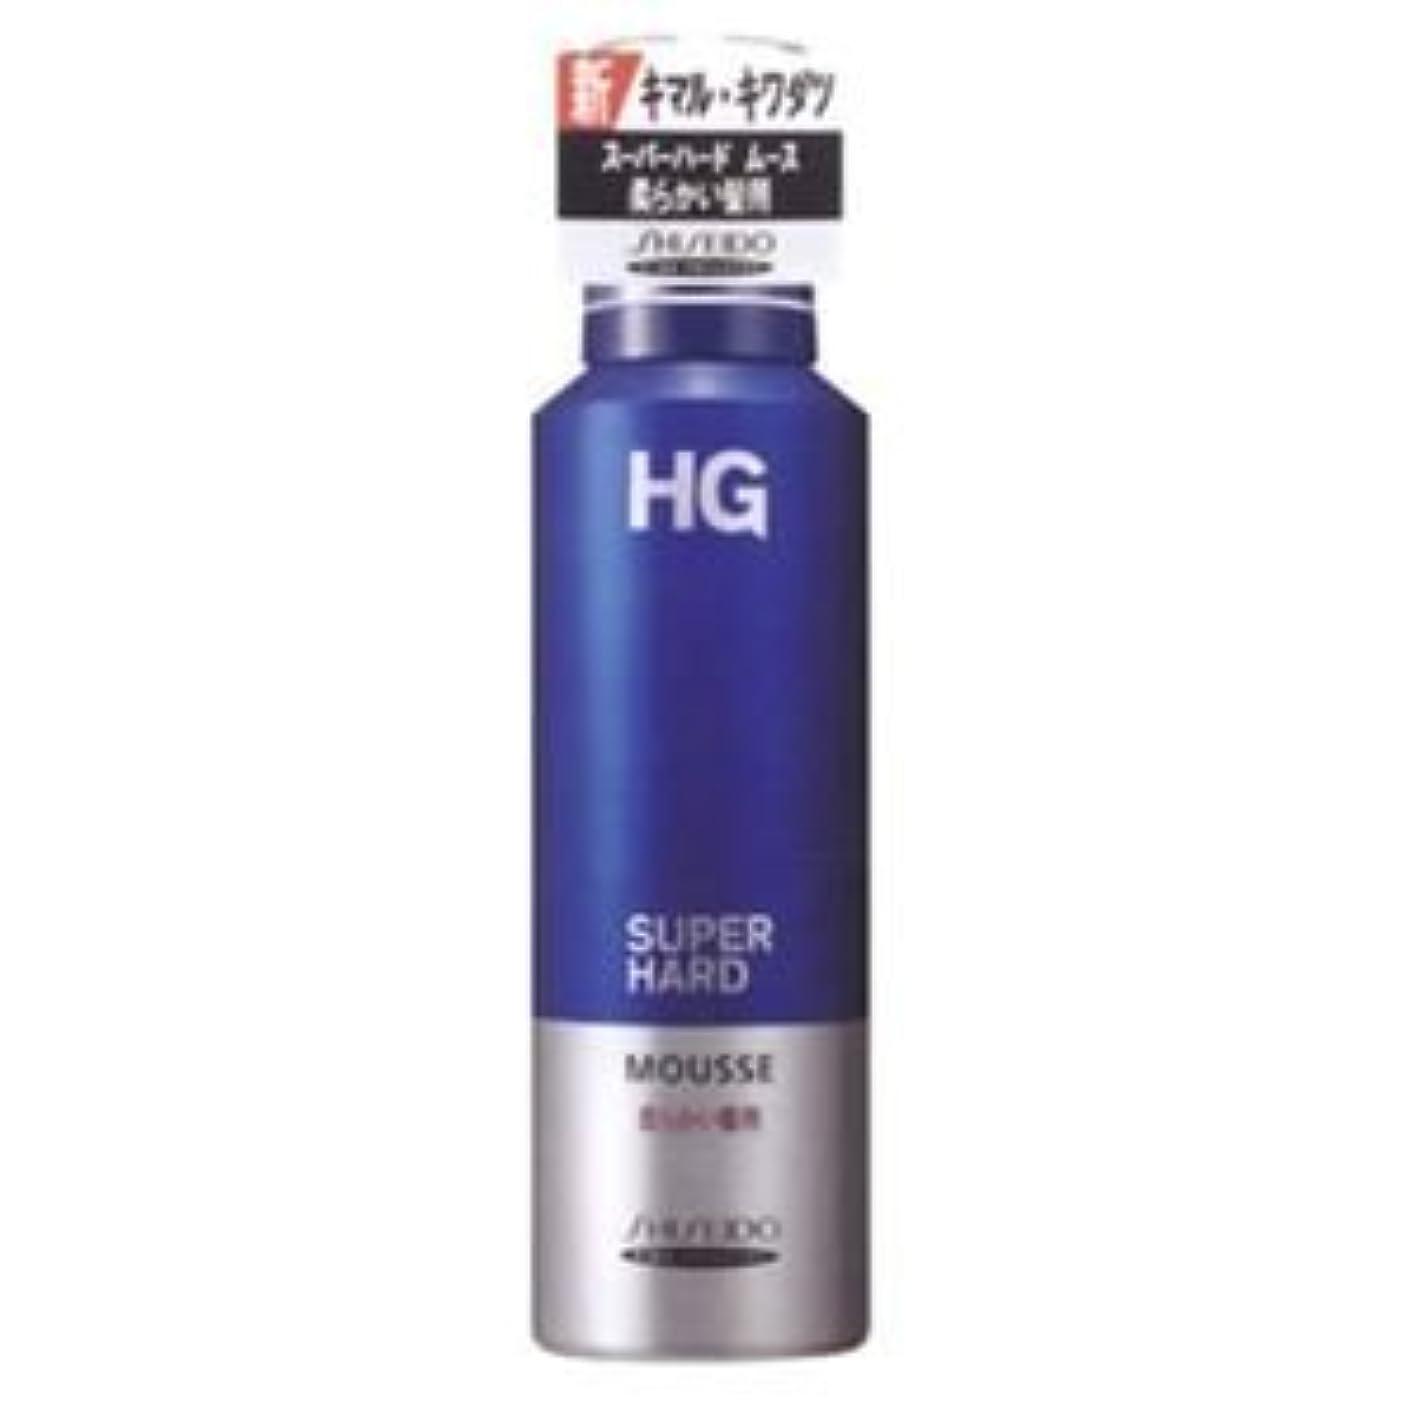 くそー始まり太鼓腹HG スーパーハードムース 柔らかい髪用 5セット